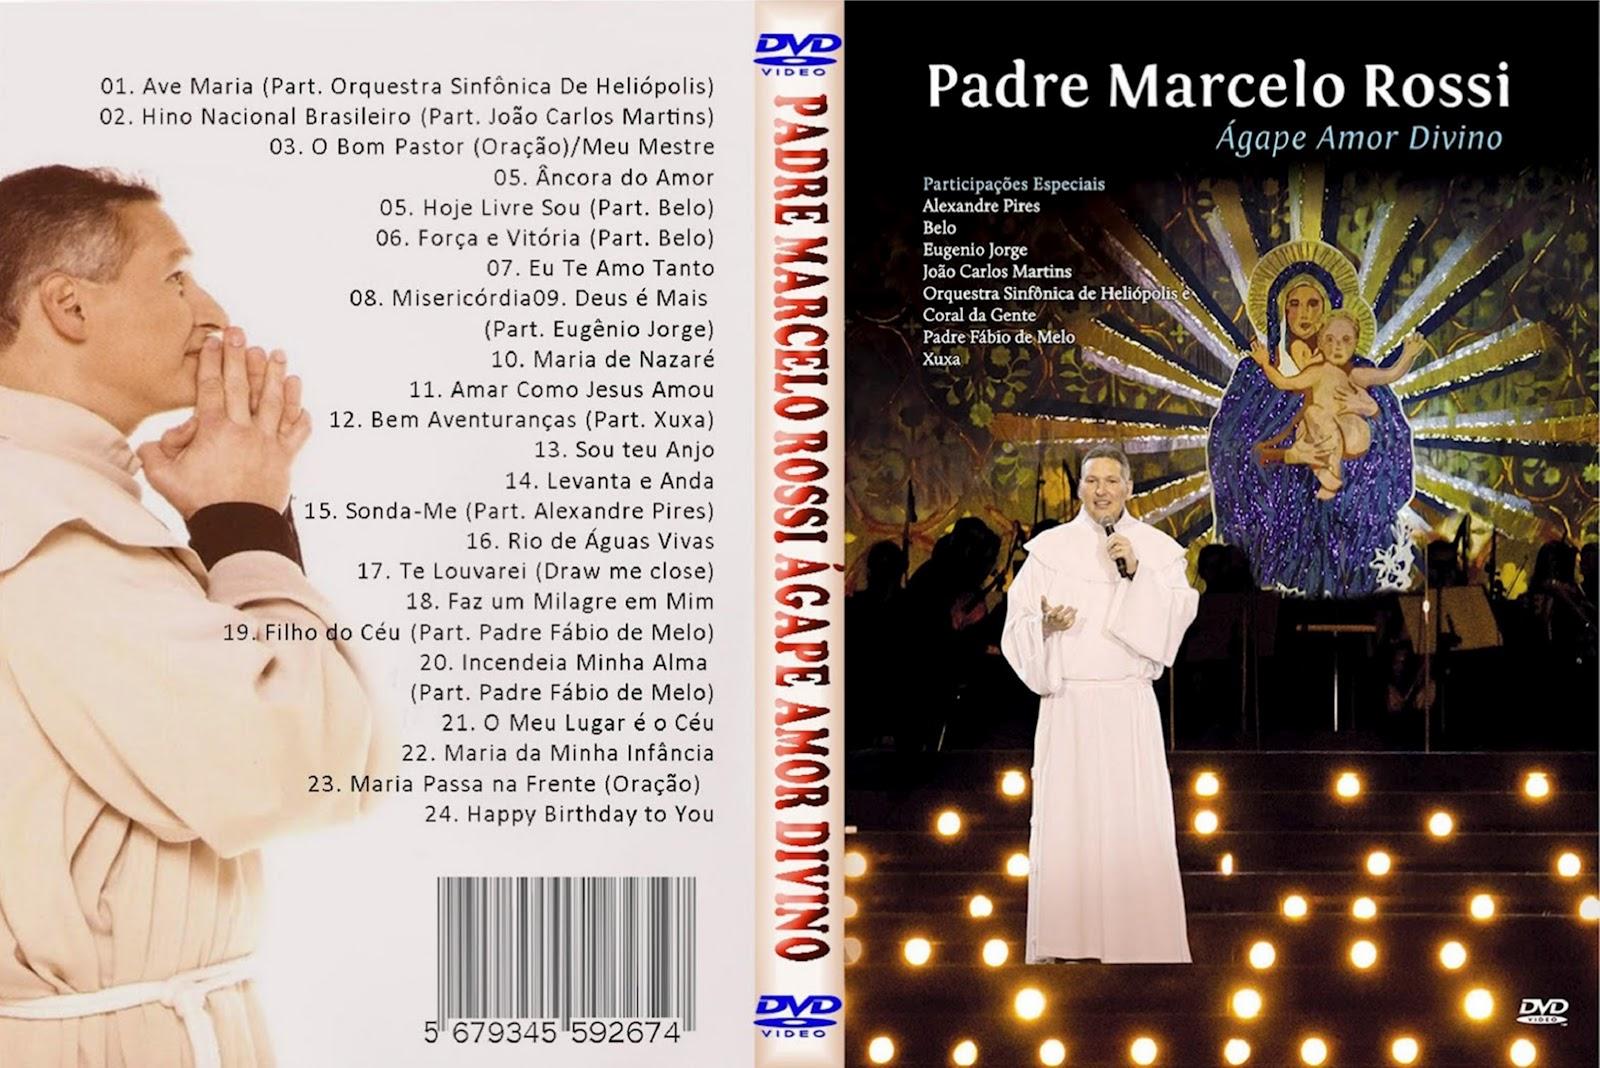 PADRE 2012 MARCELO ROSSI DVD DO BAIXAR NOVO